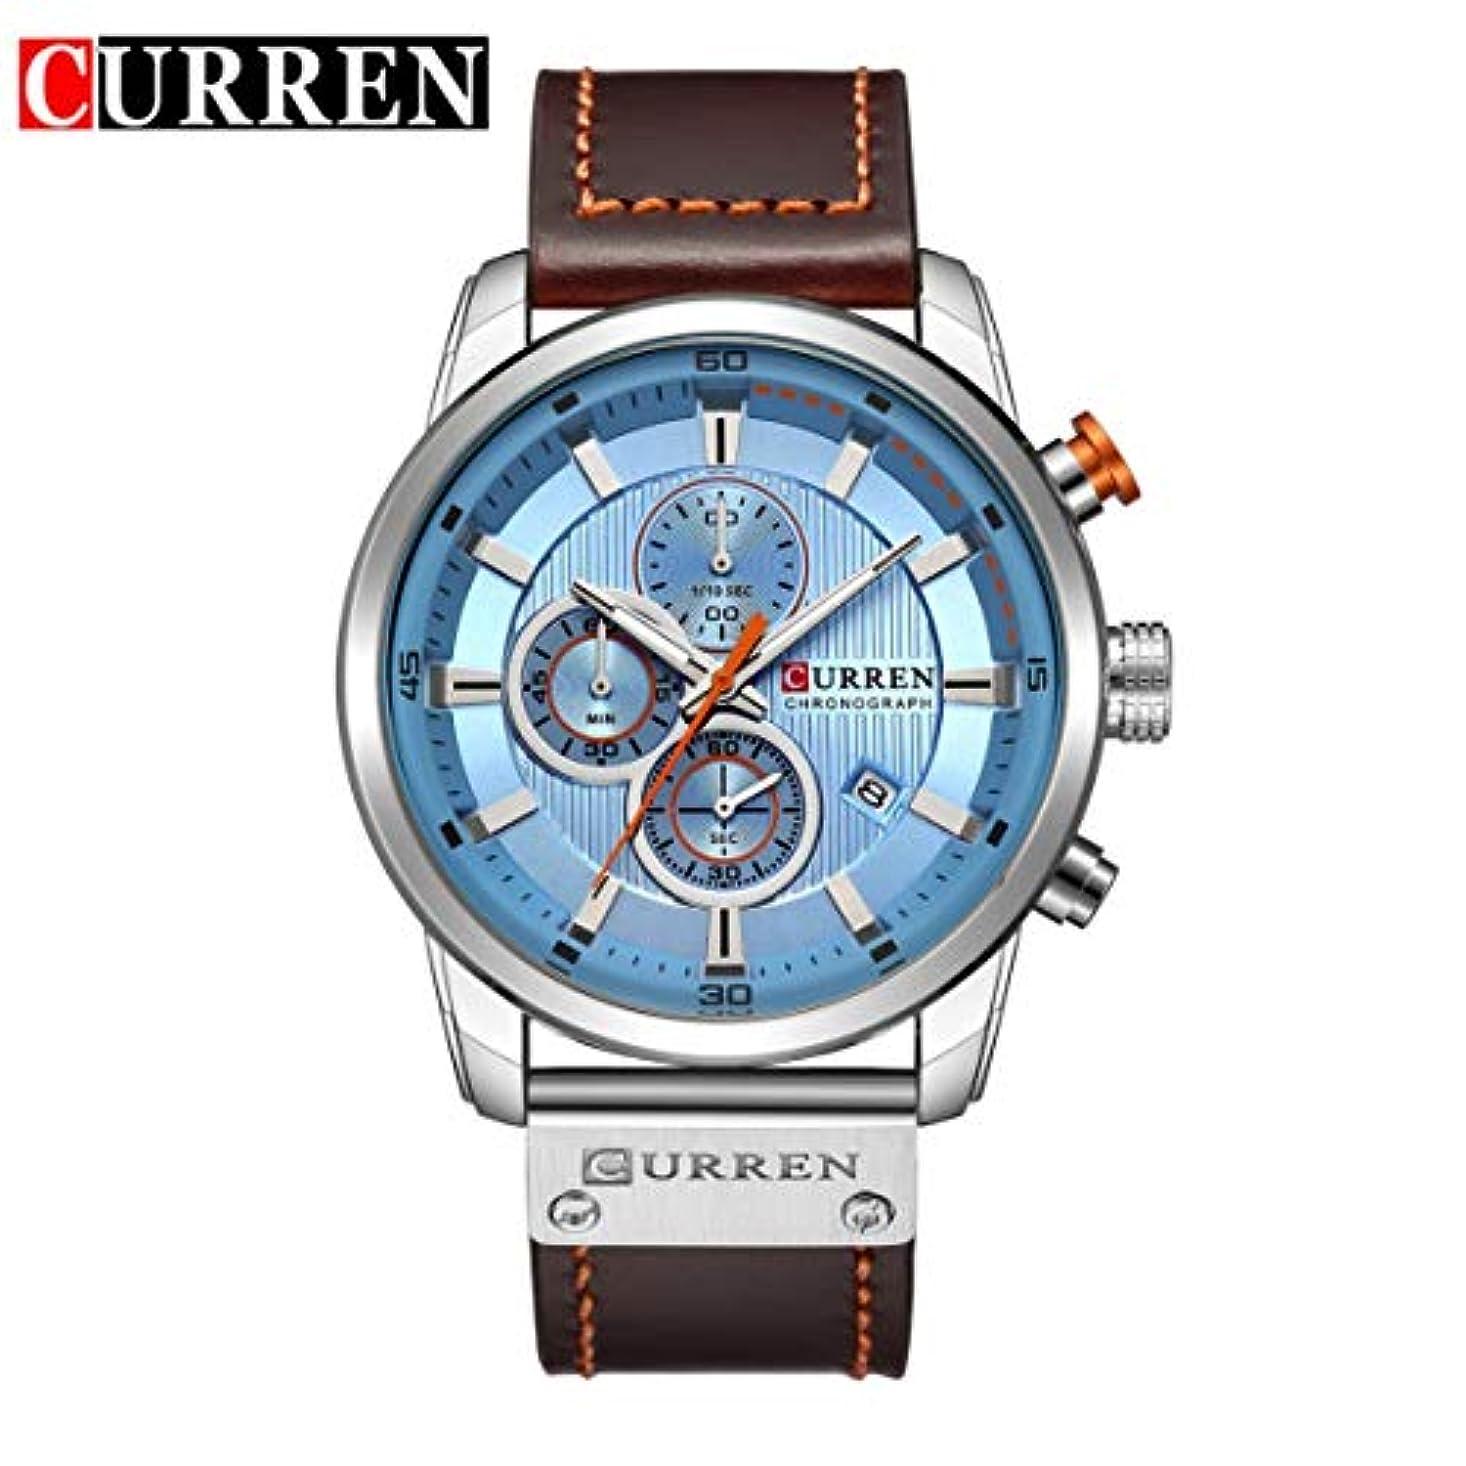 ディベート豪華なアクチュエータKongqiabonaカレン8291高級男性レザーバンドストラップ腕時計ハイクラス男性男性機械的なレロジオmasculino時計ギフト